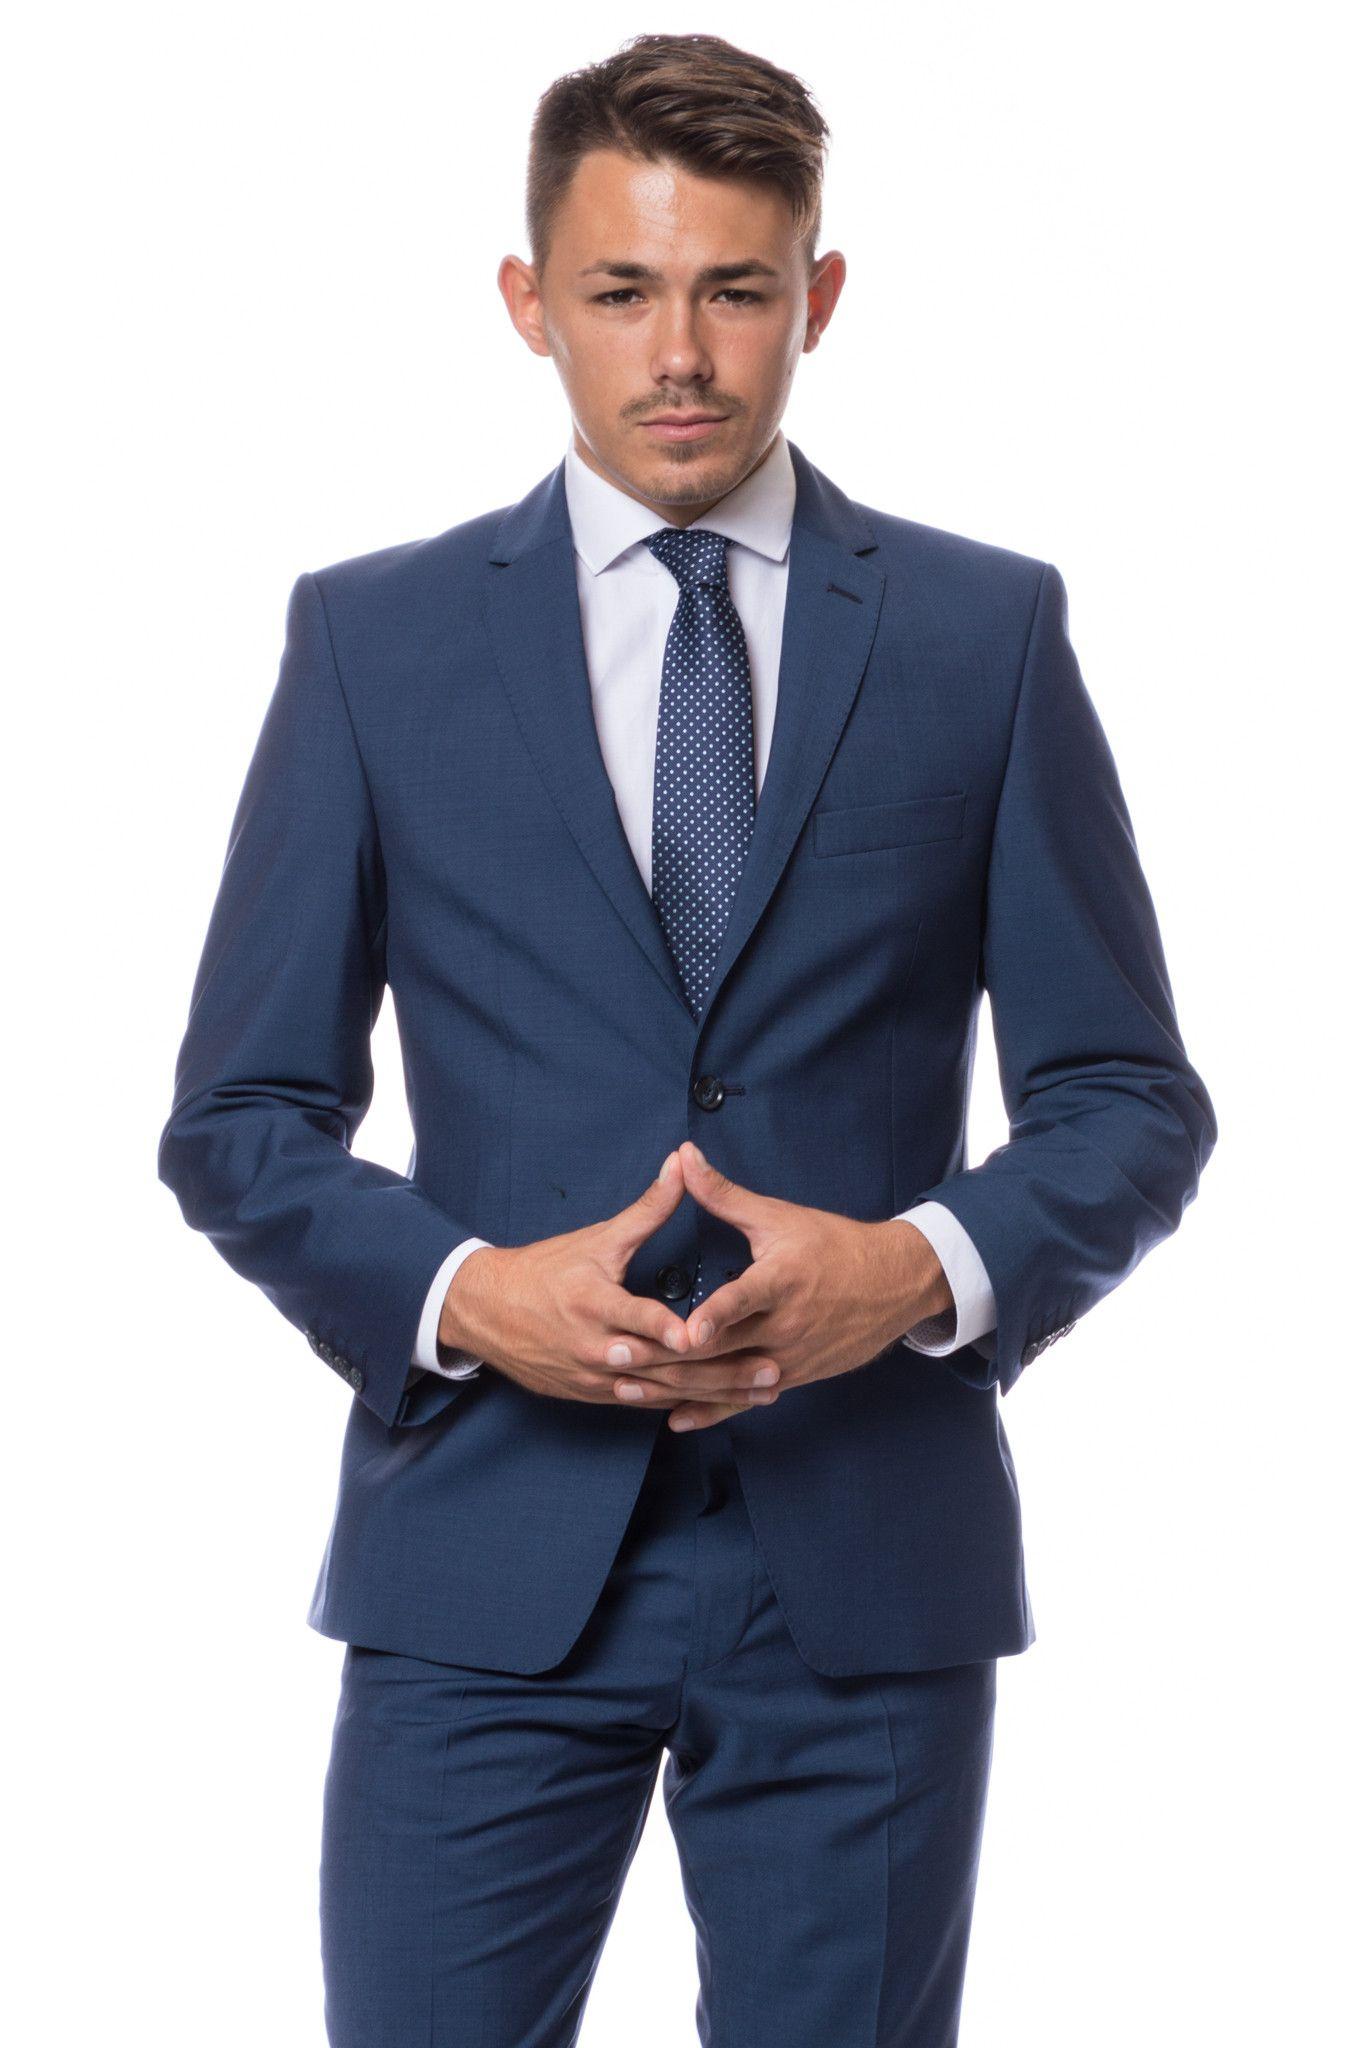 df59a6fe86 Atelier Torino kék öltöny | Elite Fashion öltönyház | Elite Fashion ...